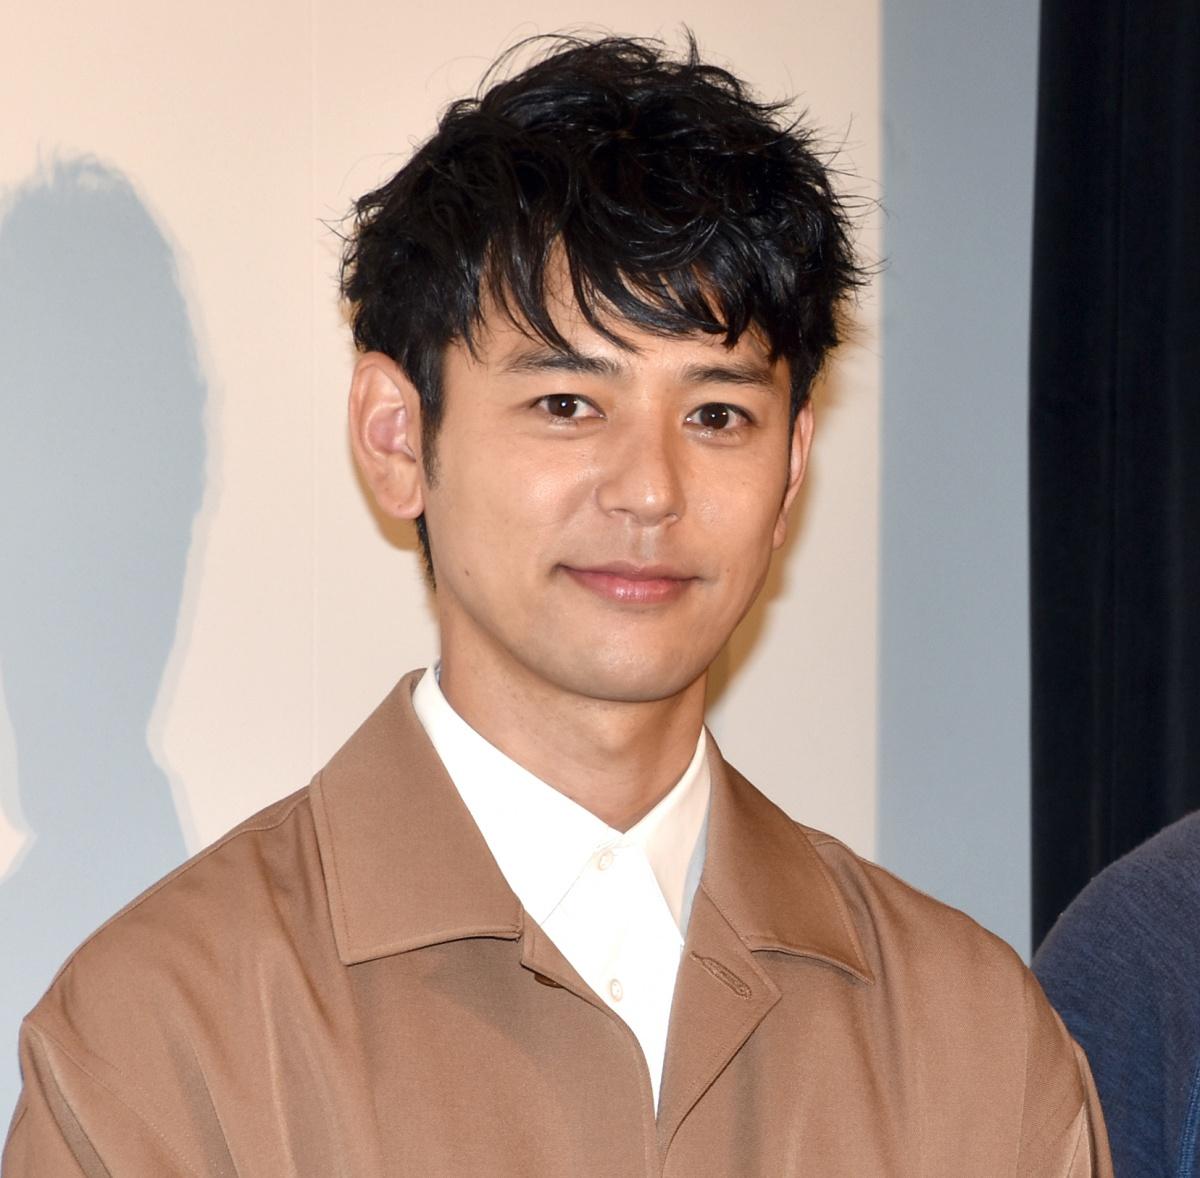 妻夫木聡、妻・マイコ第1子妊娠後初公の場 | ORICON NEWS